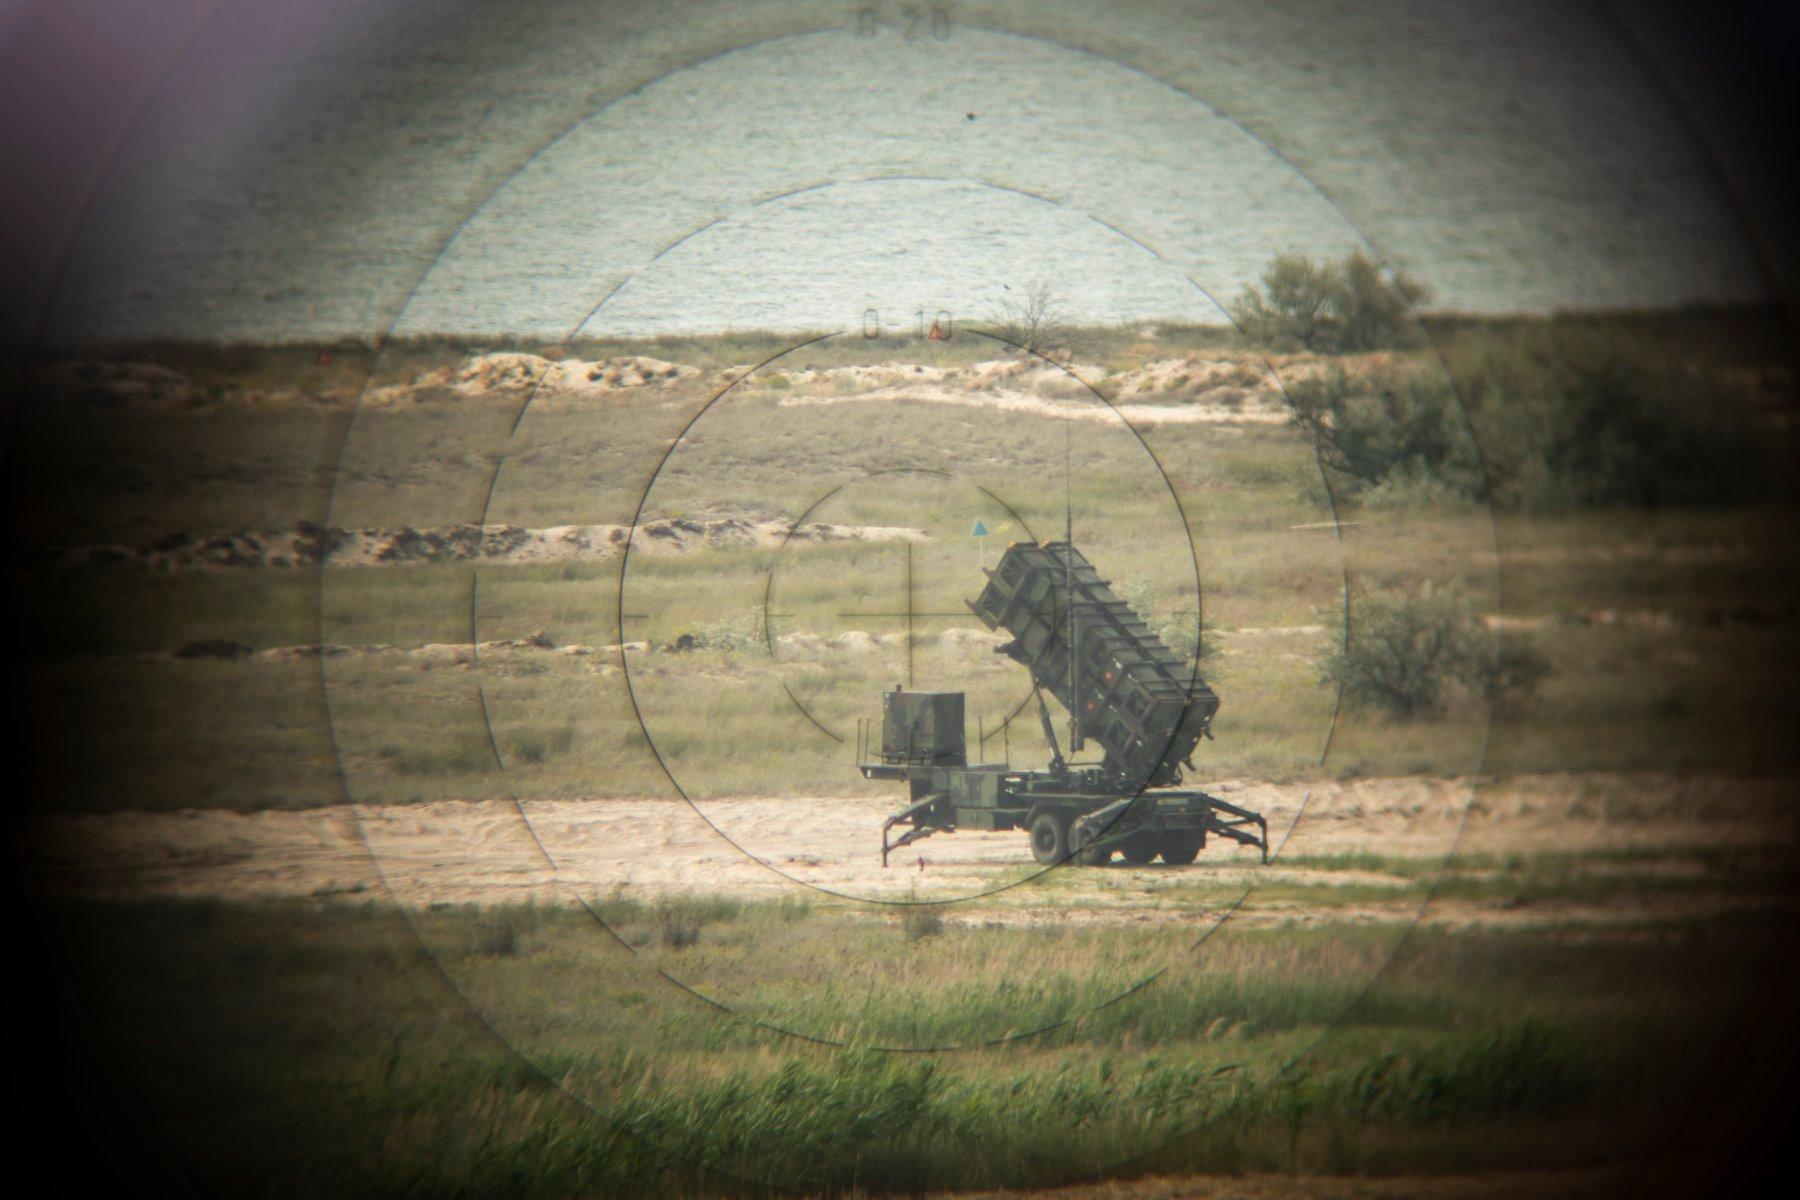 România e în siguranță? Noi achiziții militare. Imagini în premieră de la Forțele Aeriene